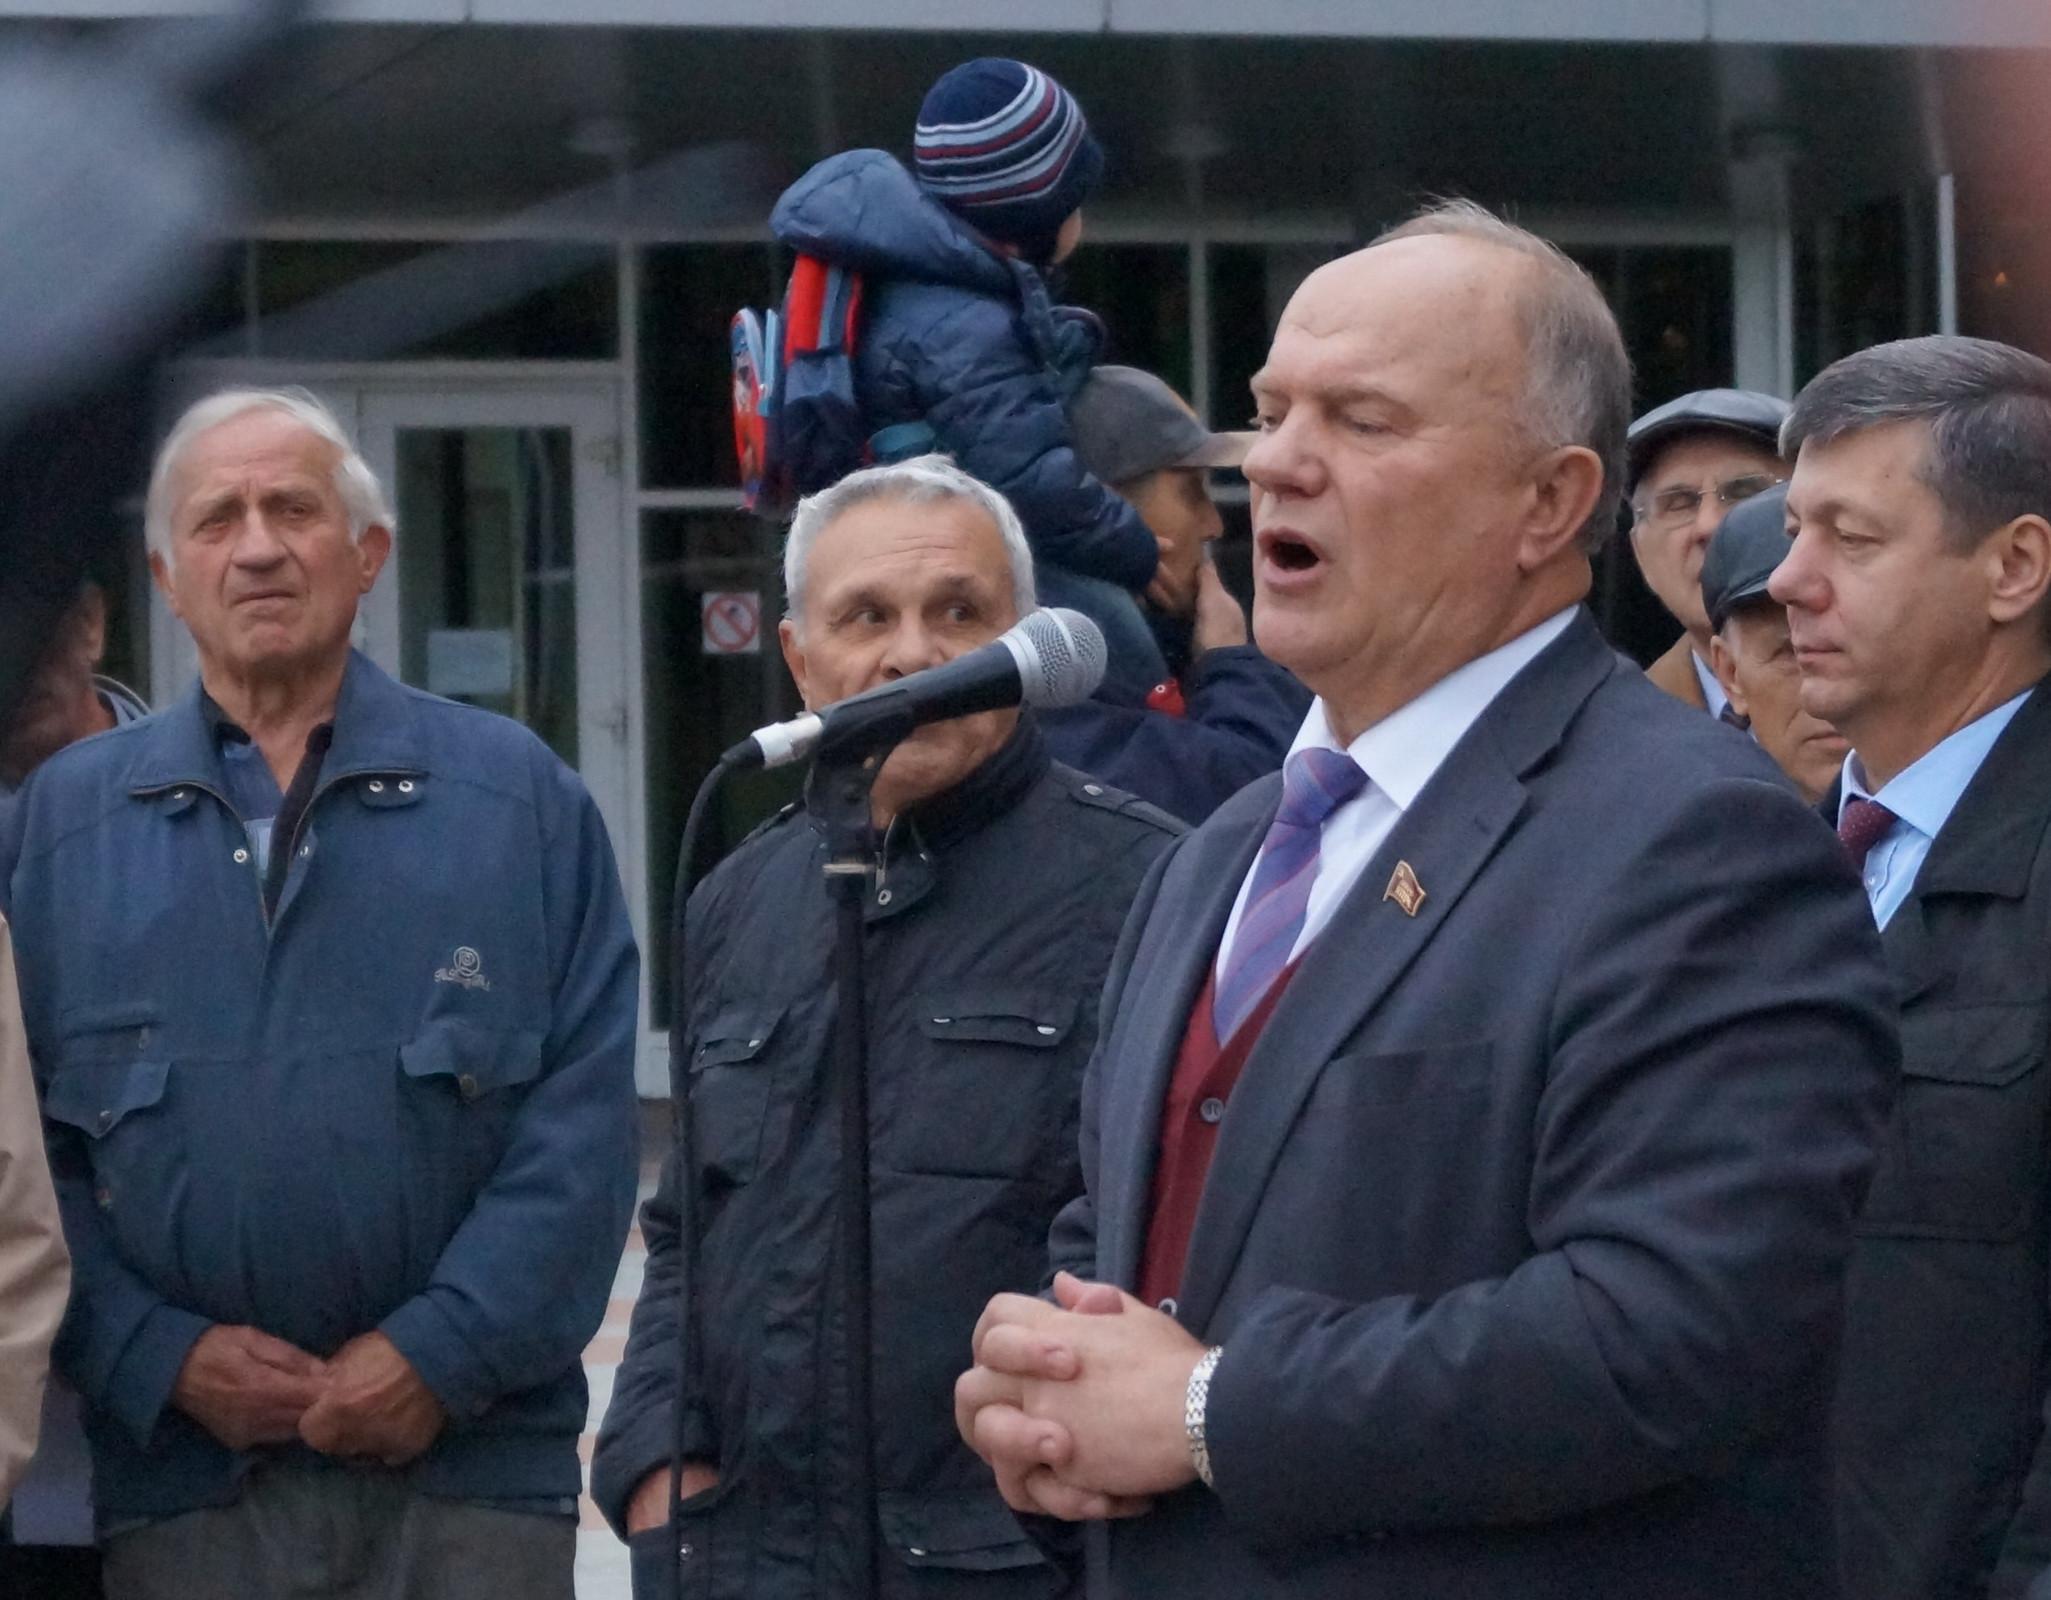 Зюганов требует отСовета Безопасности Российской Федерации рассмотреть законодательный проект оперезахоронении Ленина